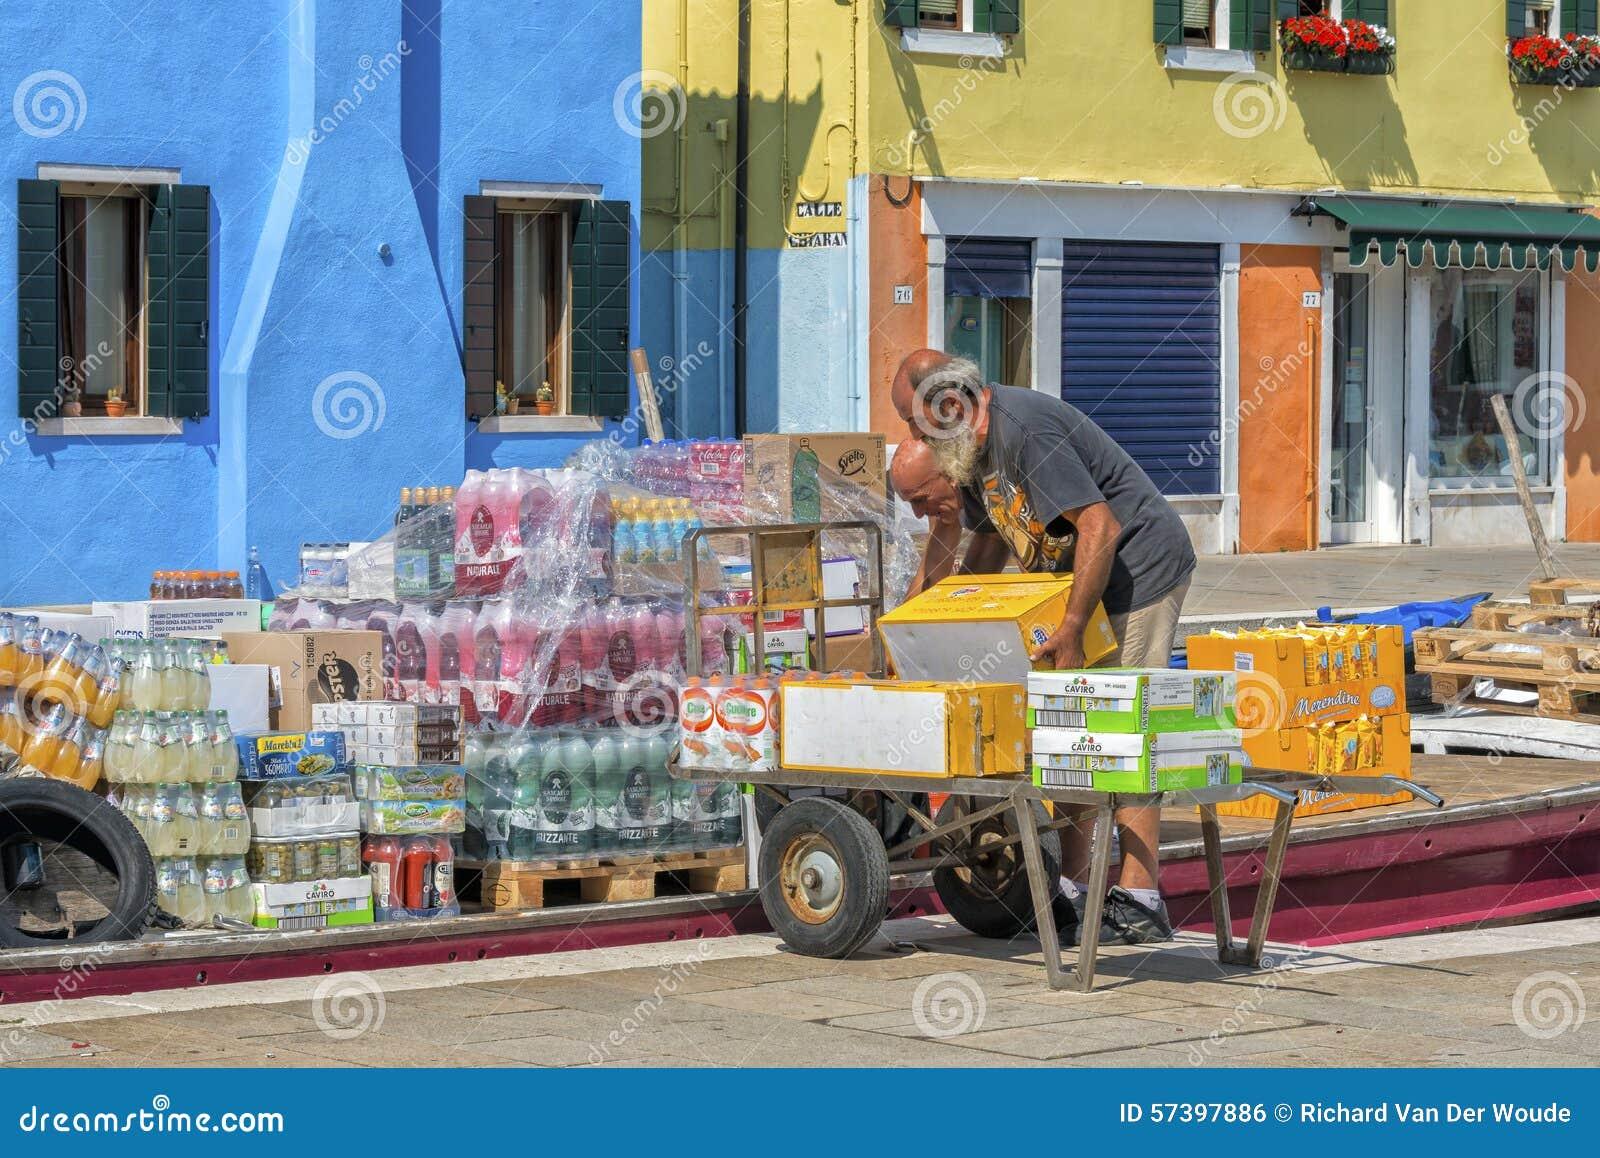 Het dagelijkse leven in Burano, Italië